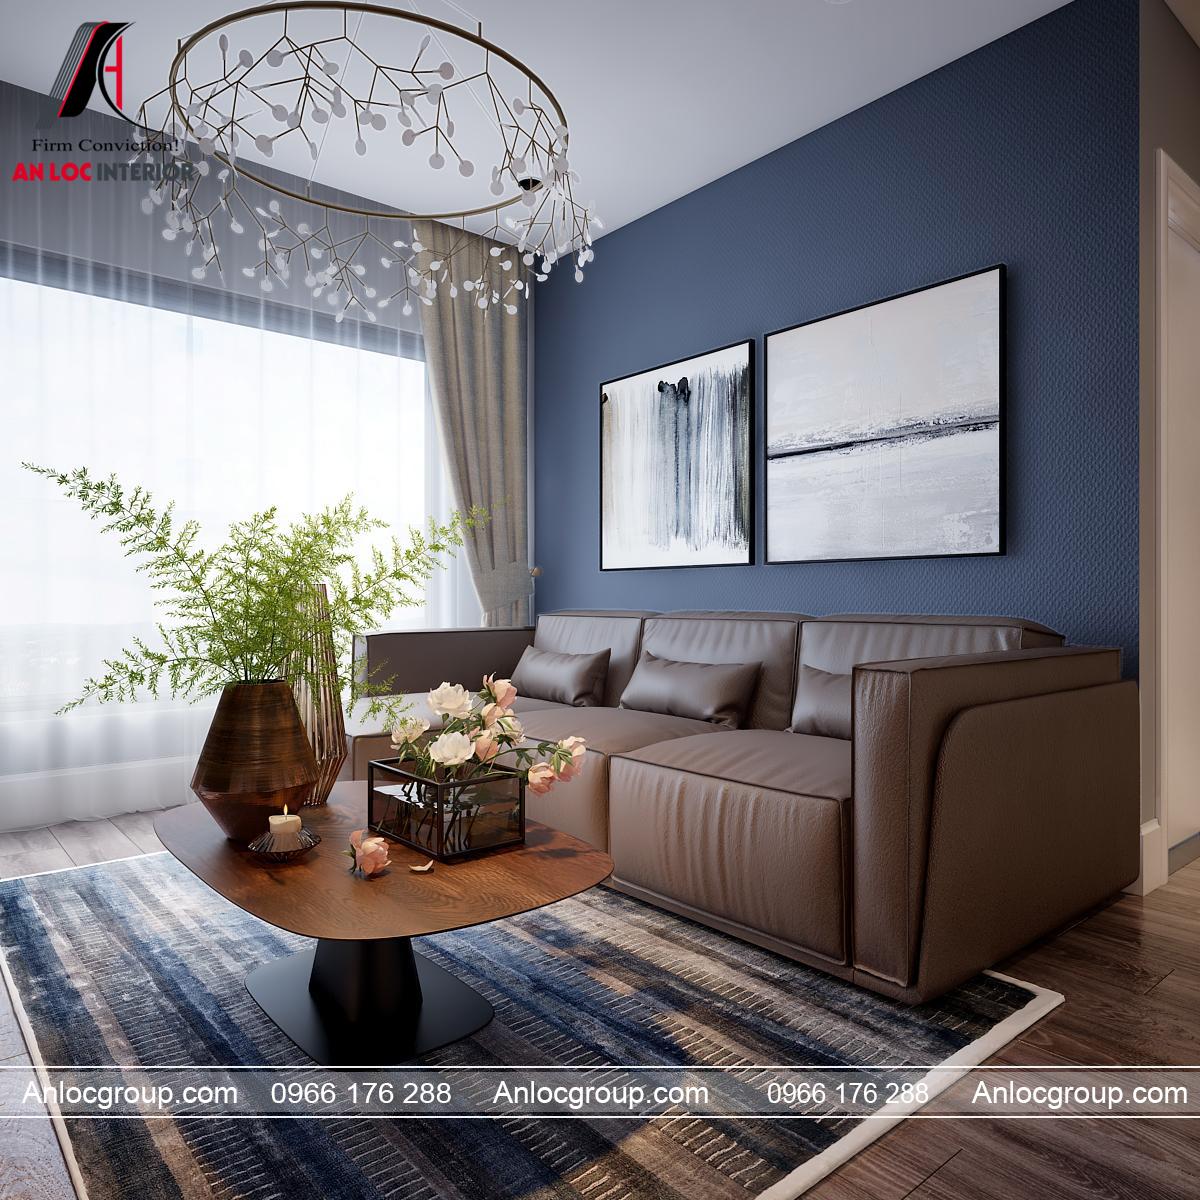 Ghế sofa hiện đại trong phòng khách